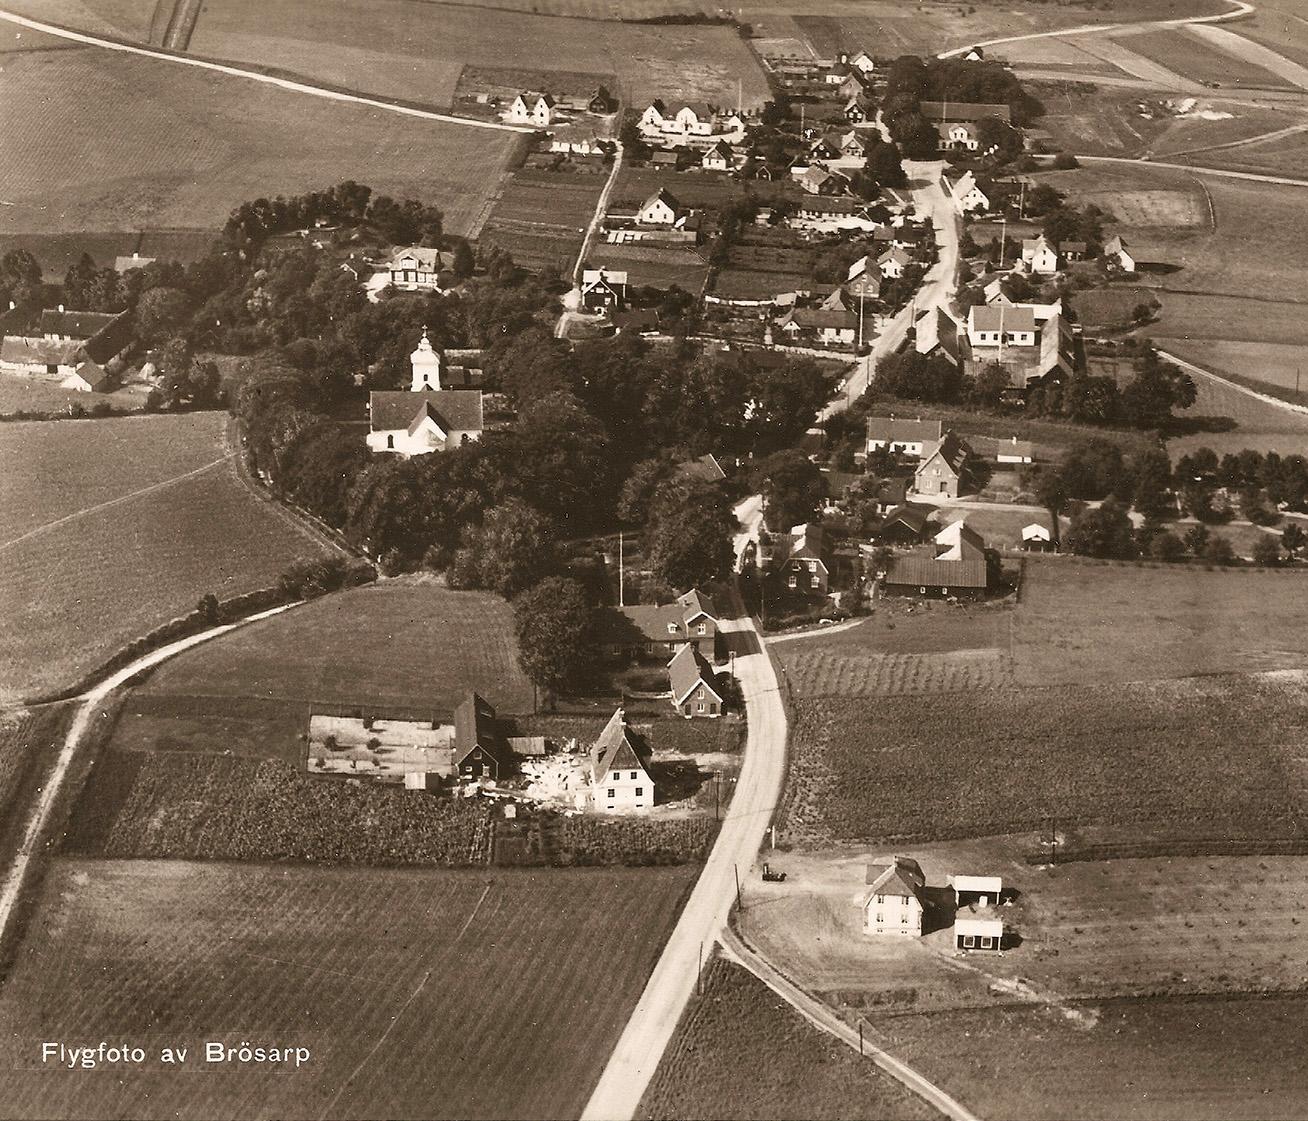 Husets historia med flygfoto över Brösarp 1935. Doktorsbostaden som nu blivit veterinärsvilla ligger halvt i skugga av träden strax under mitten av bilden. Foto: Olof Liljeqvist